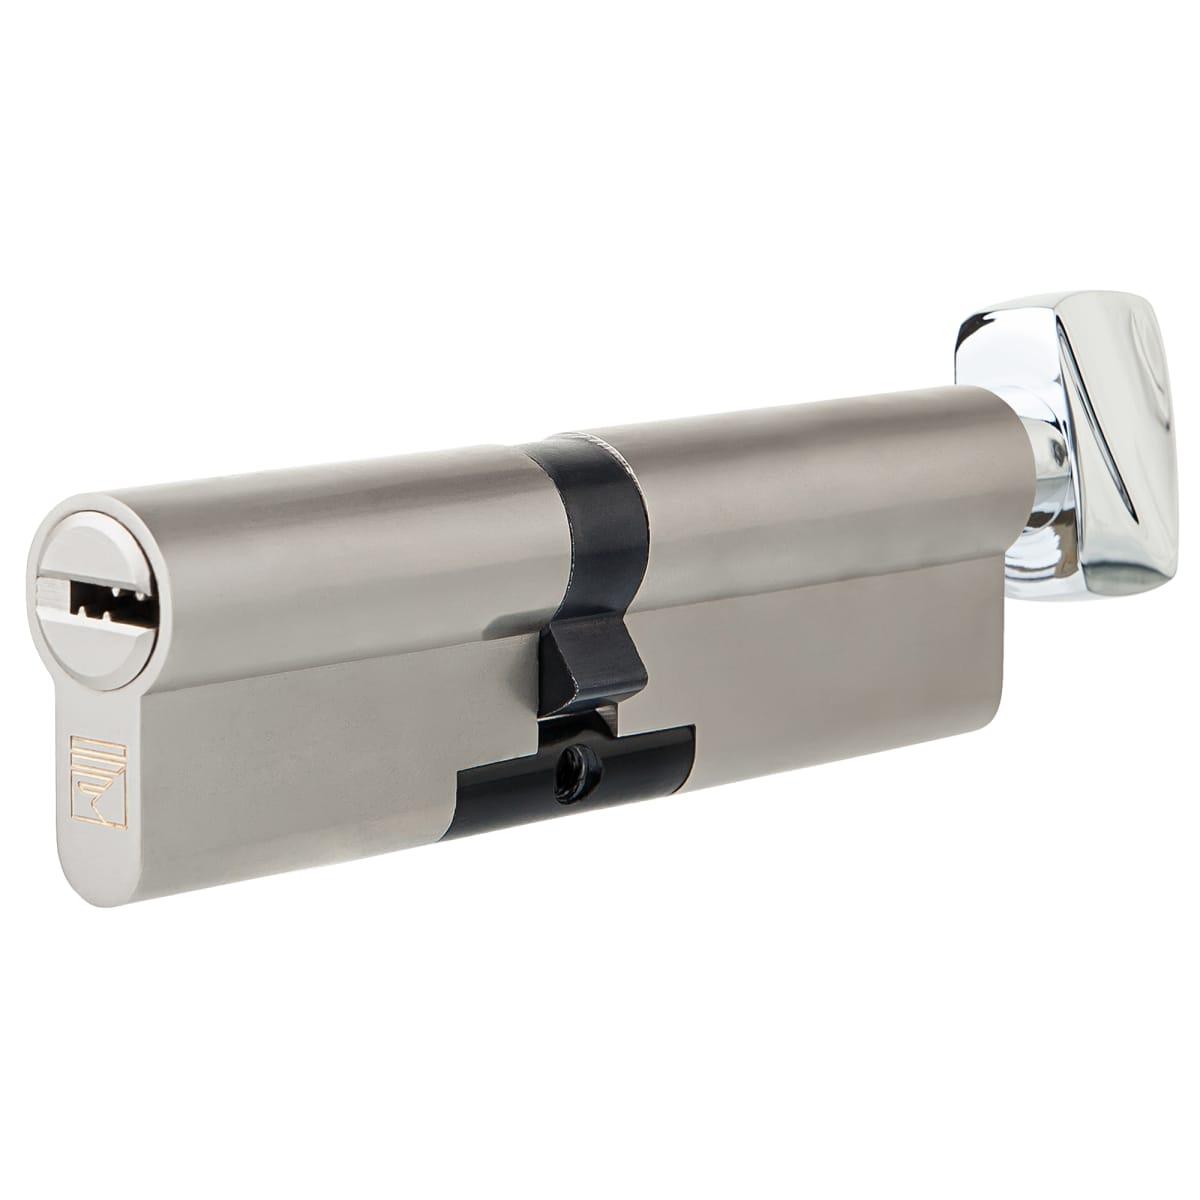 Цилиндр Apecs Premier XR-110(50/60C)-C15-NI, 50x60 мм, ключ/вертушка, цвет никель